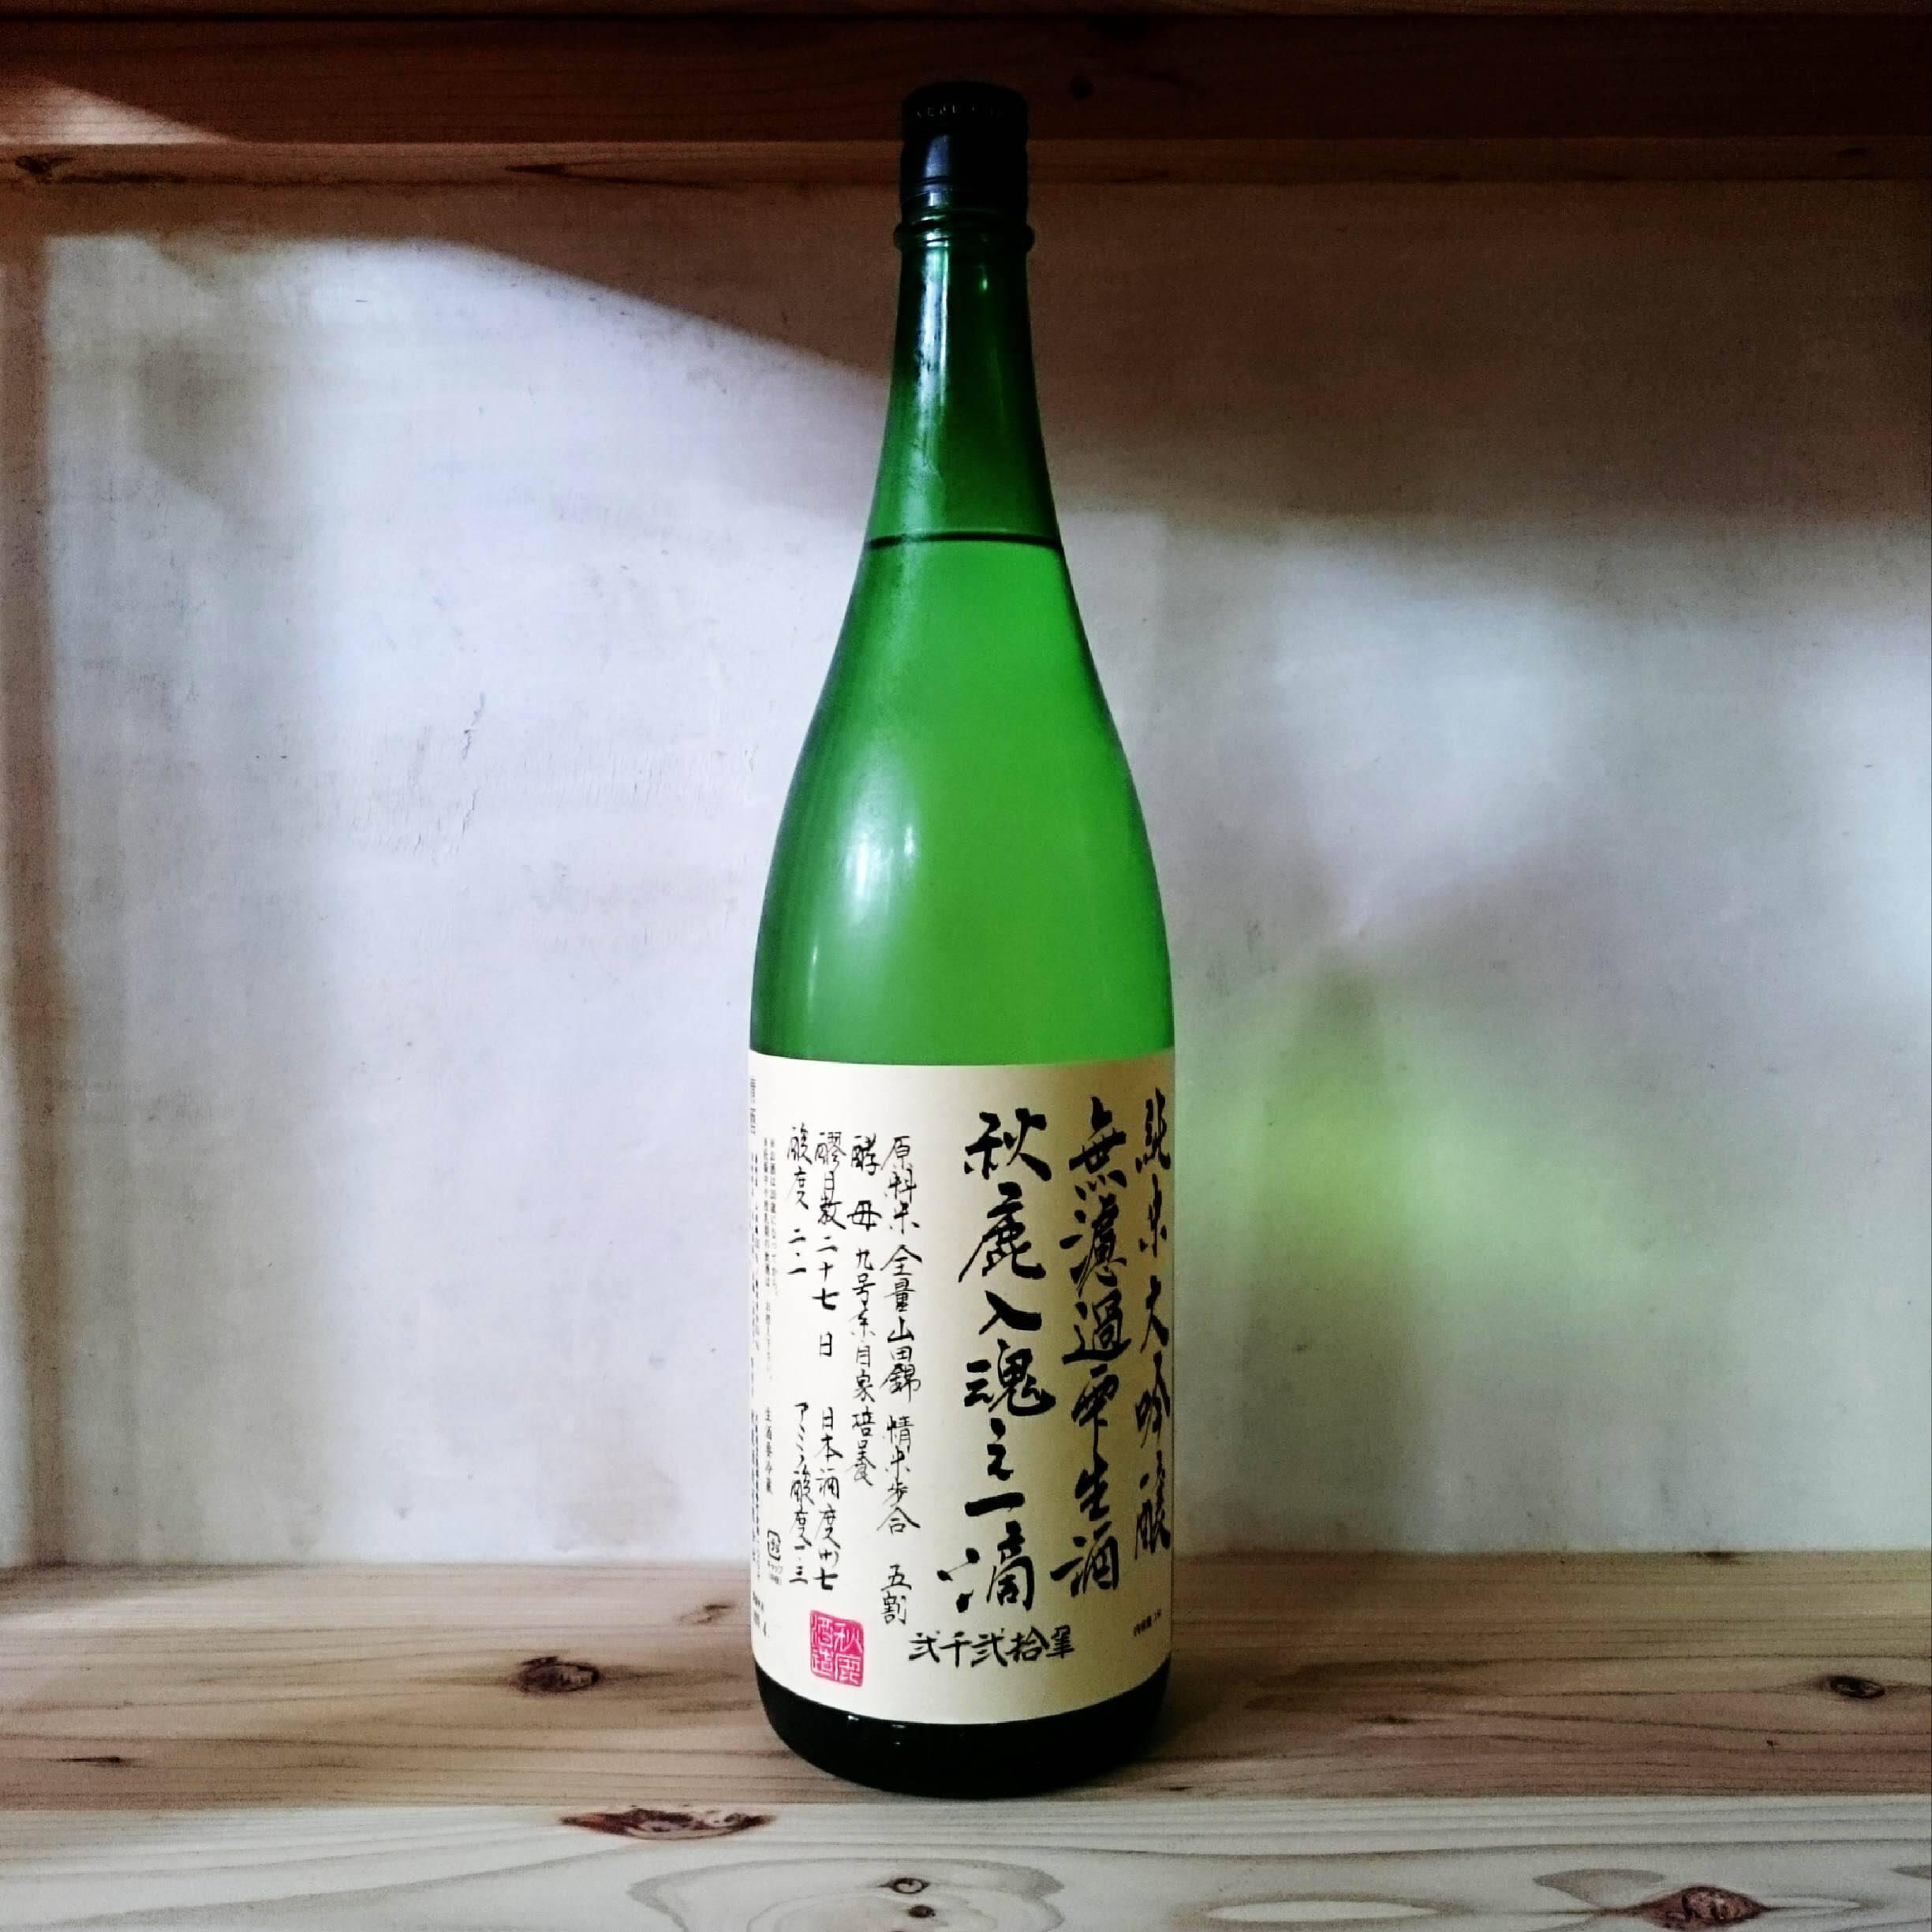 秋鹿 純米大吟醸 入魂の一滴 生原酒 1.8L